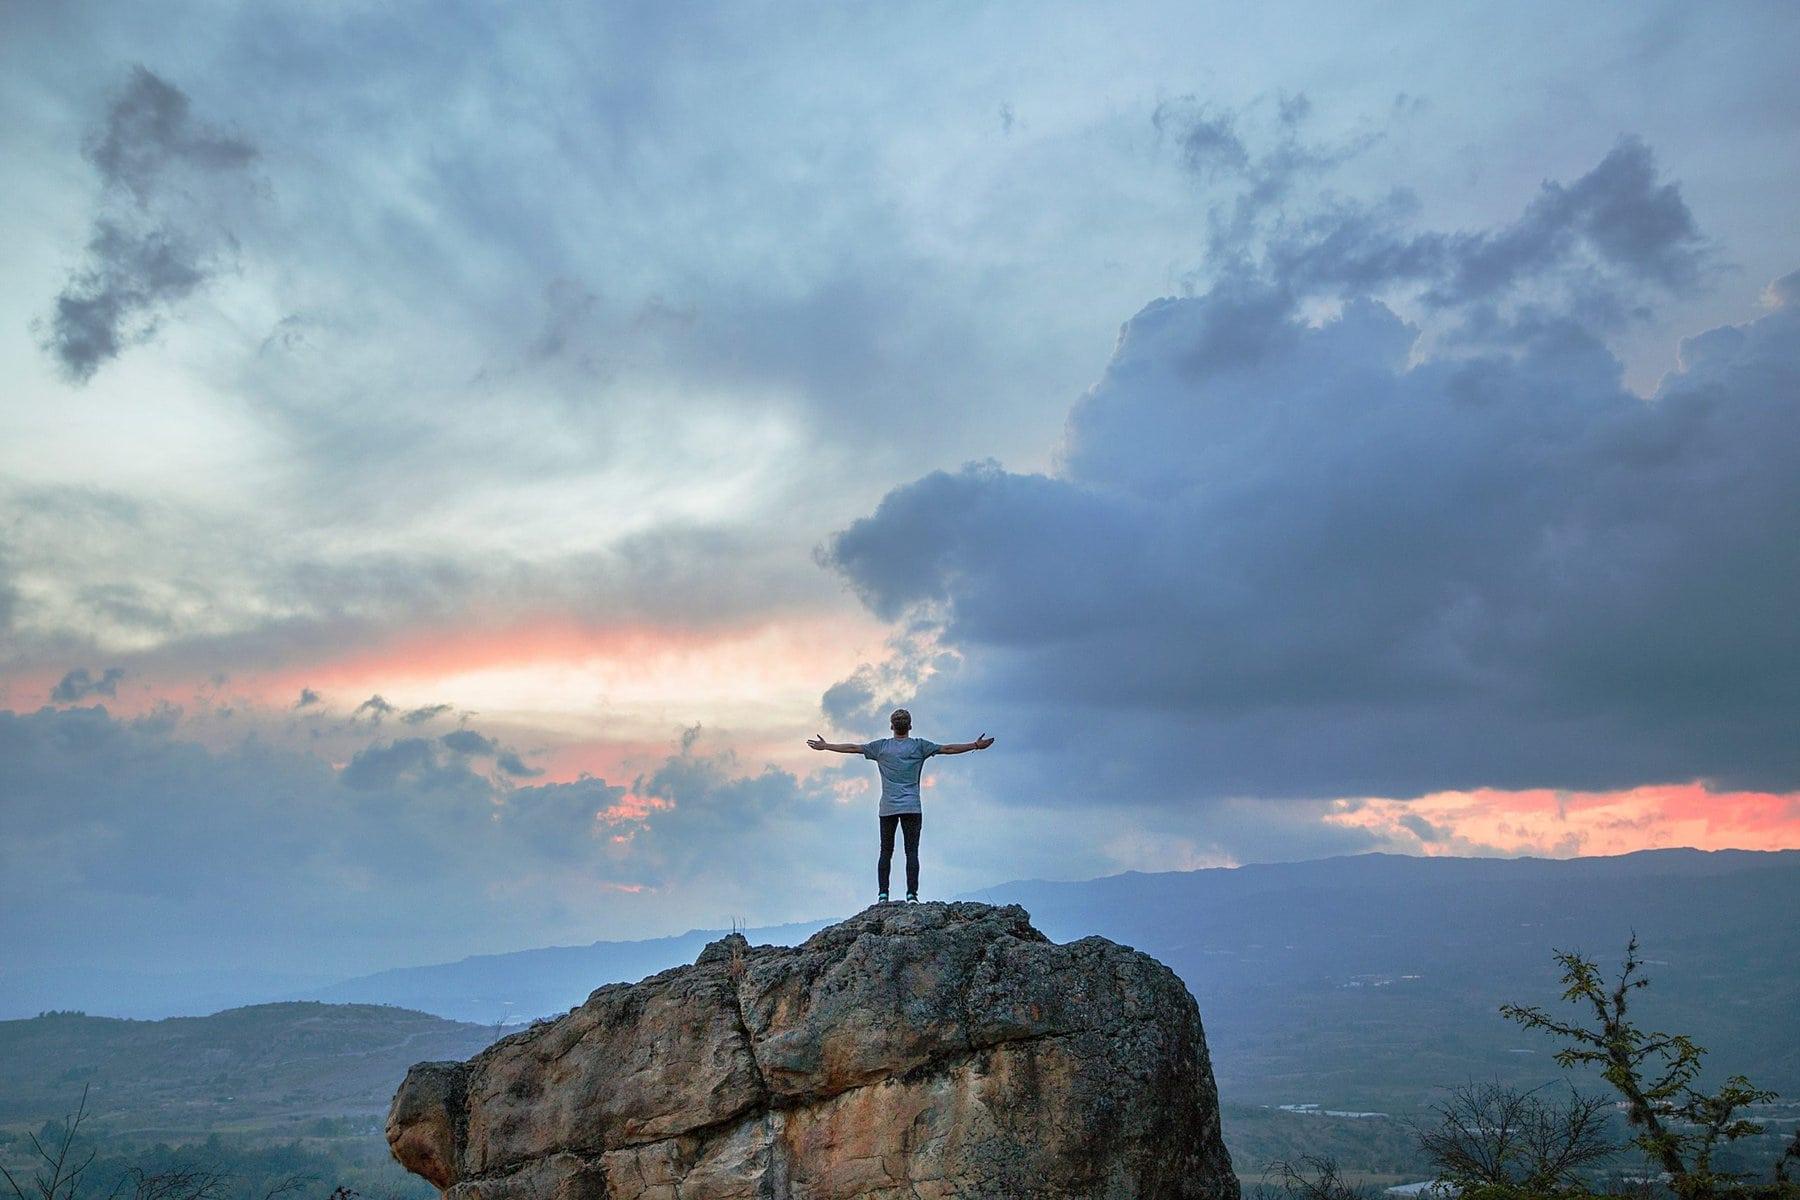 Stelle dich deiner Angst und du wirst stark und frei